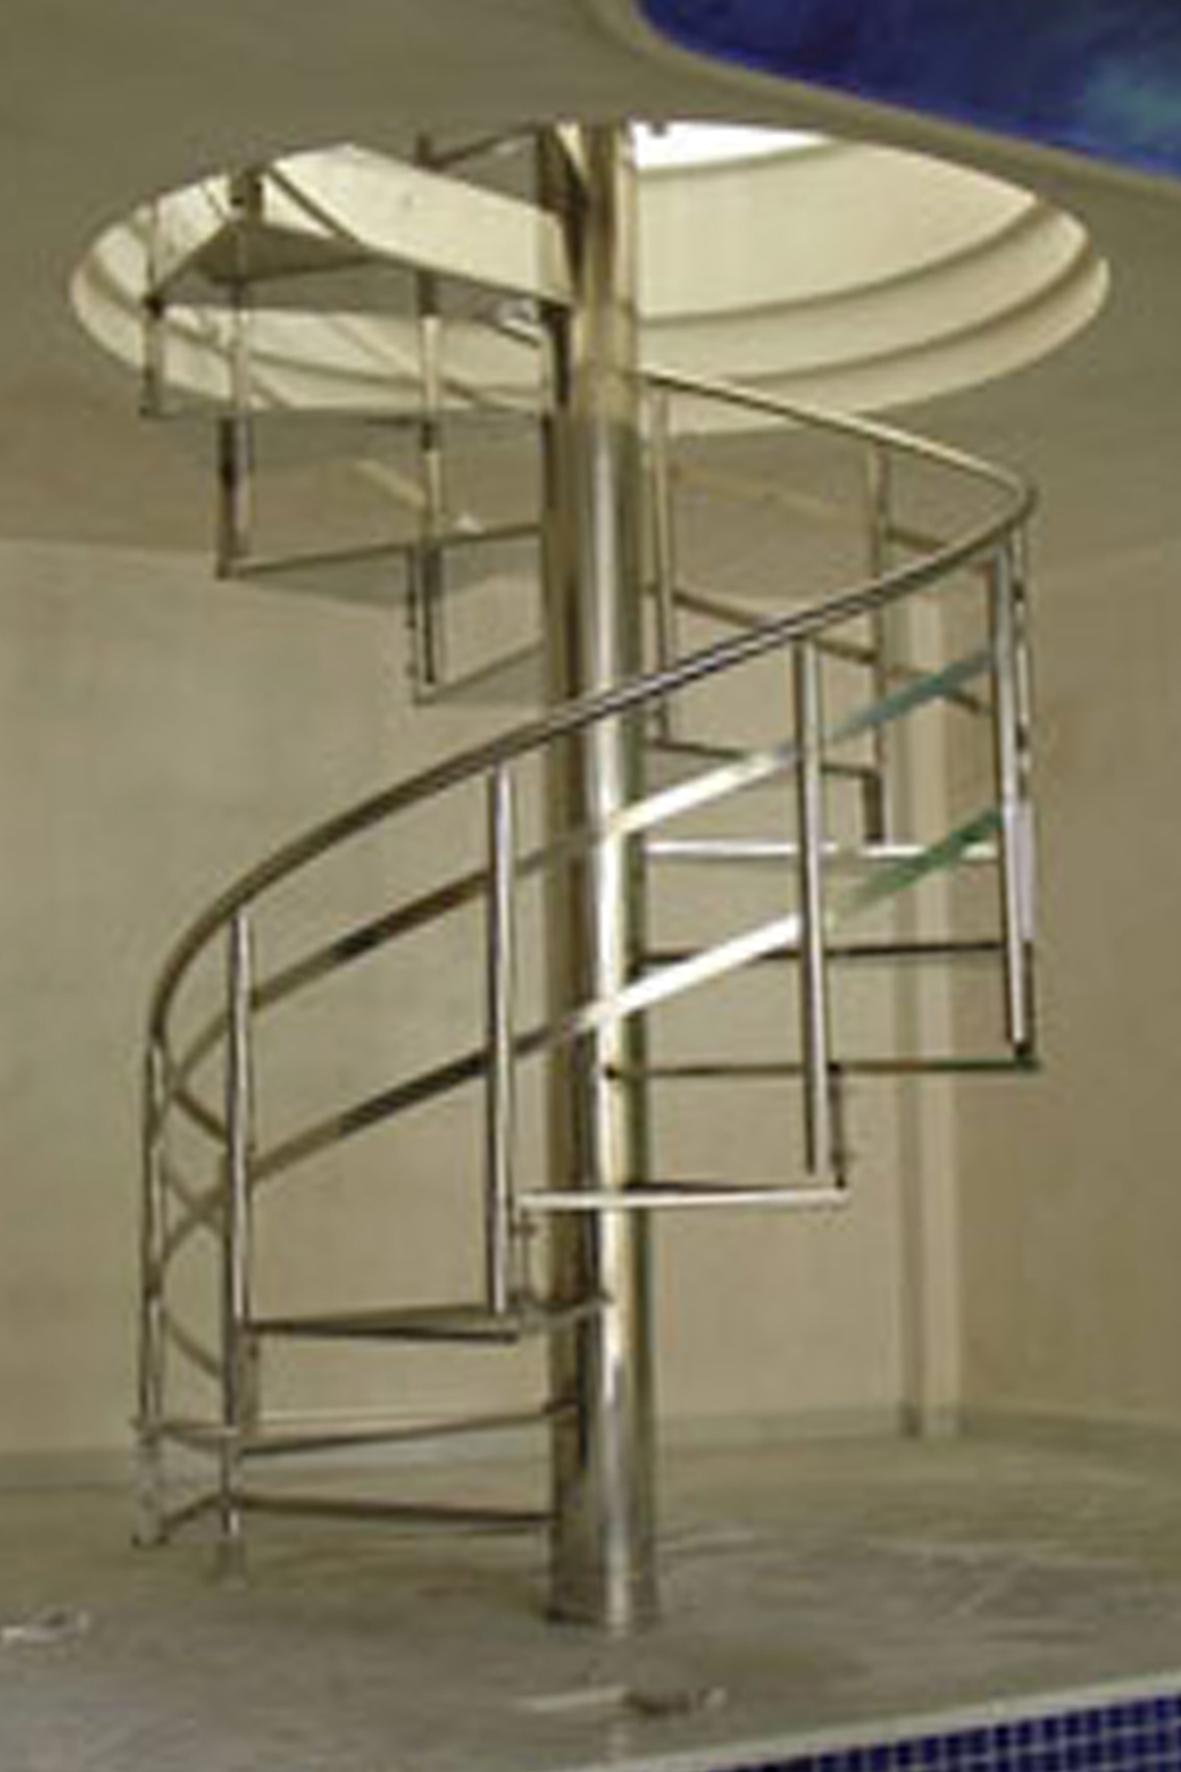 Escaleras de fierro inoxmetal vargas escaleras de hierro ref cargando zoom escaleras para - Escaleras de caracol economicas ...